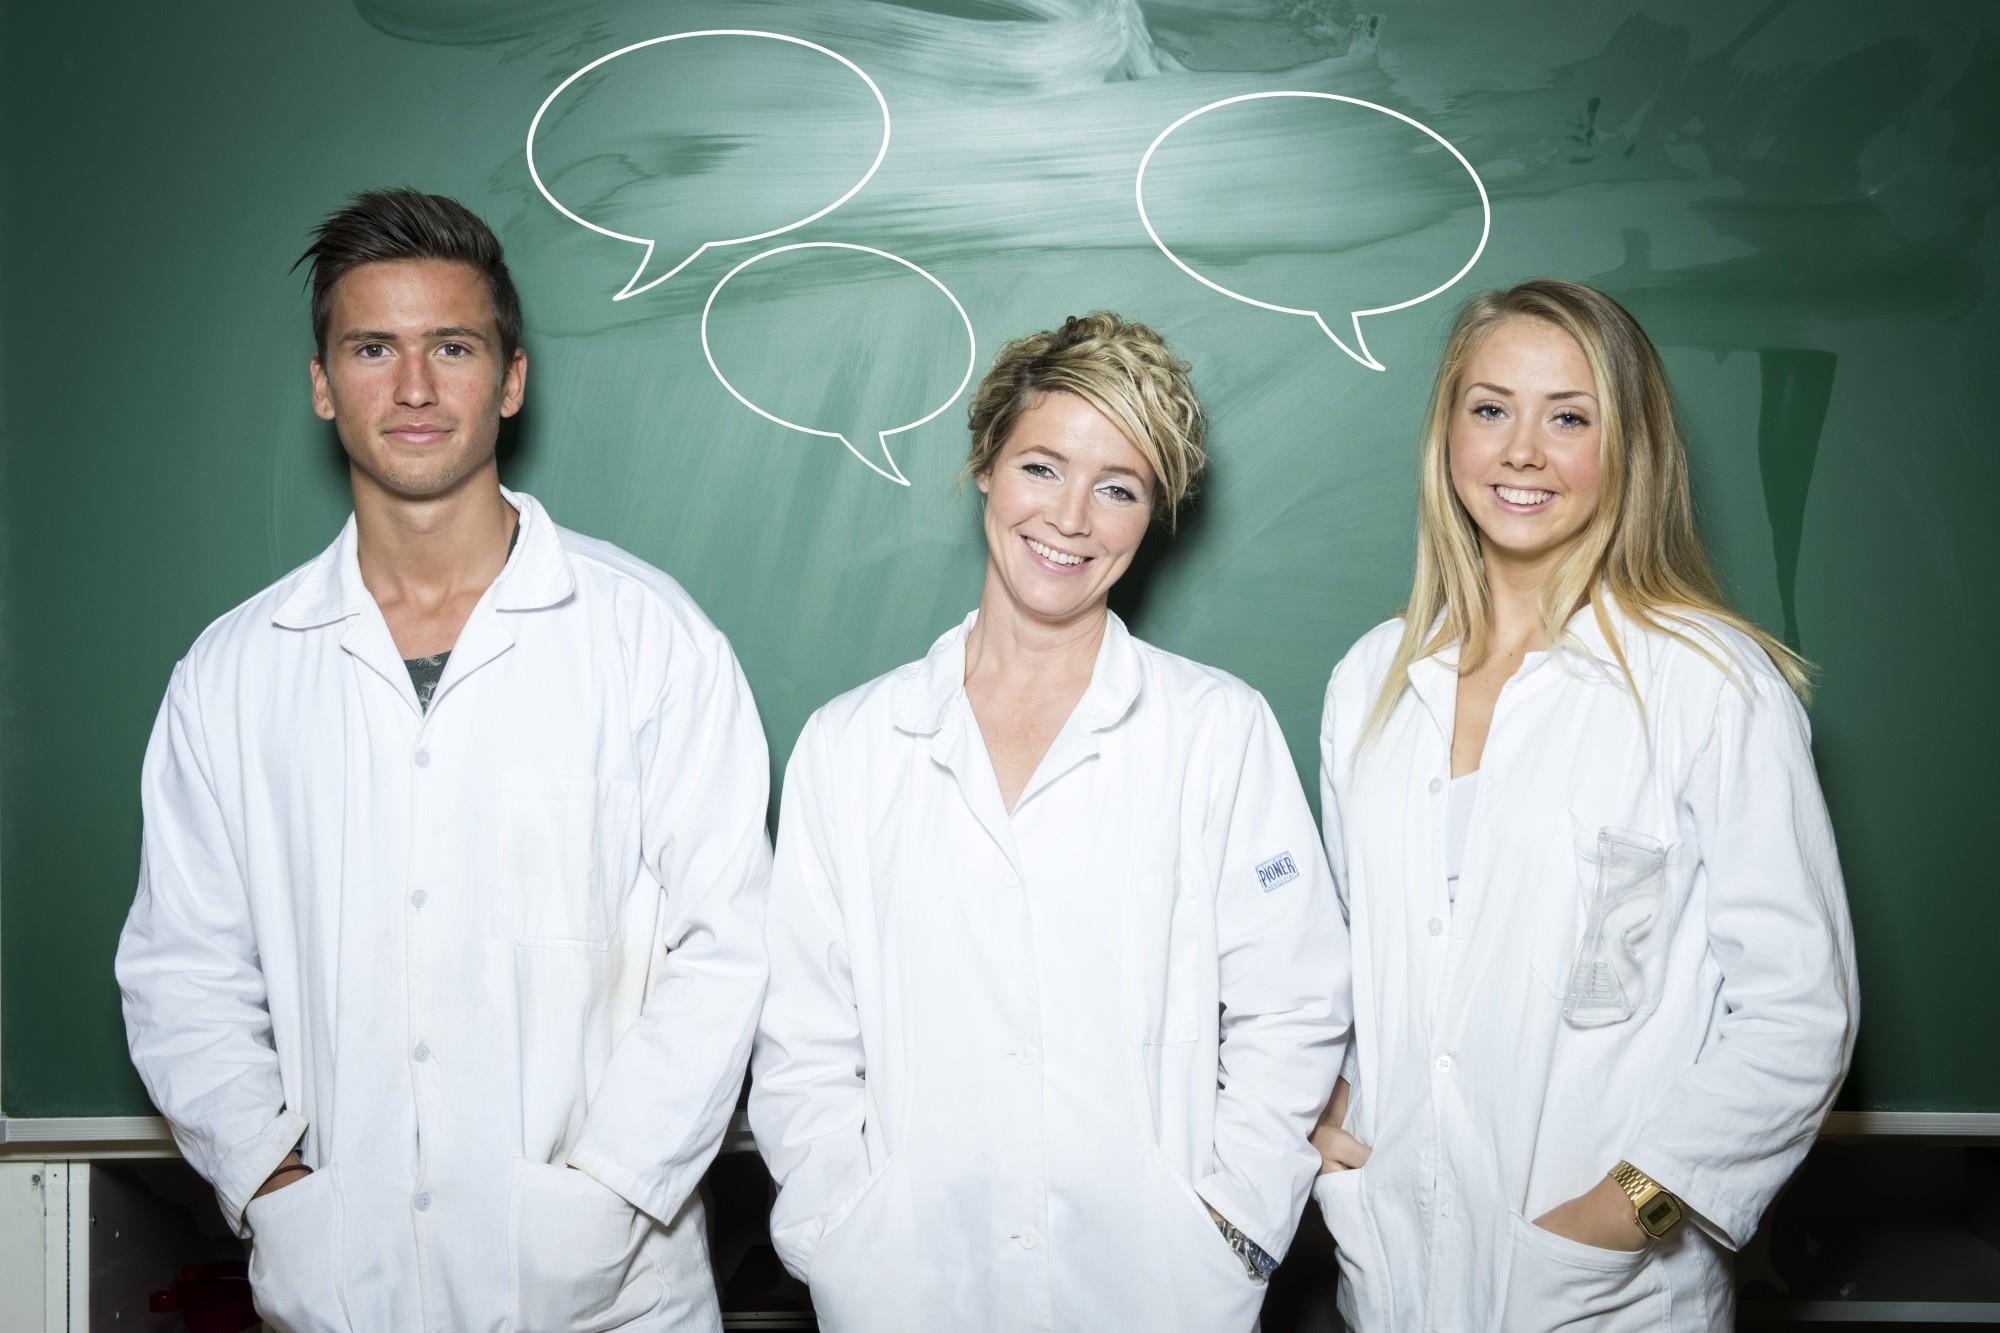 Realfagslærer står foran en tavle med to elever i labfrakker